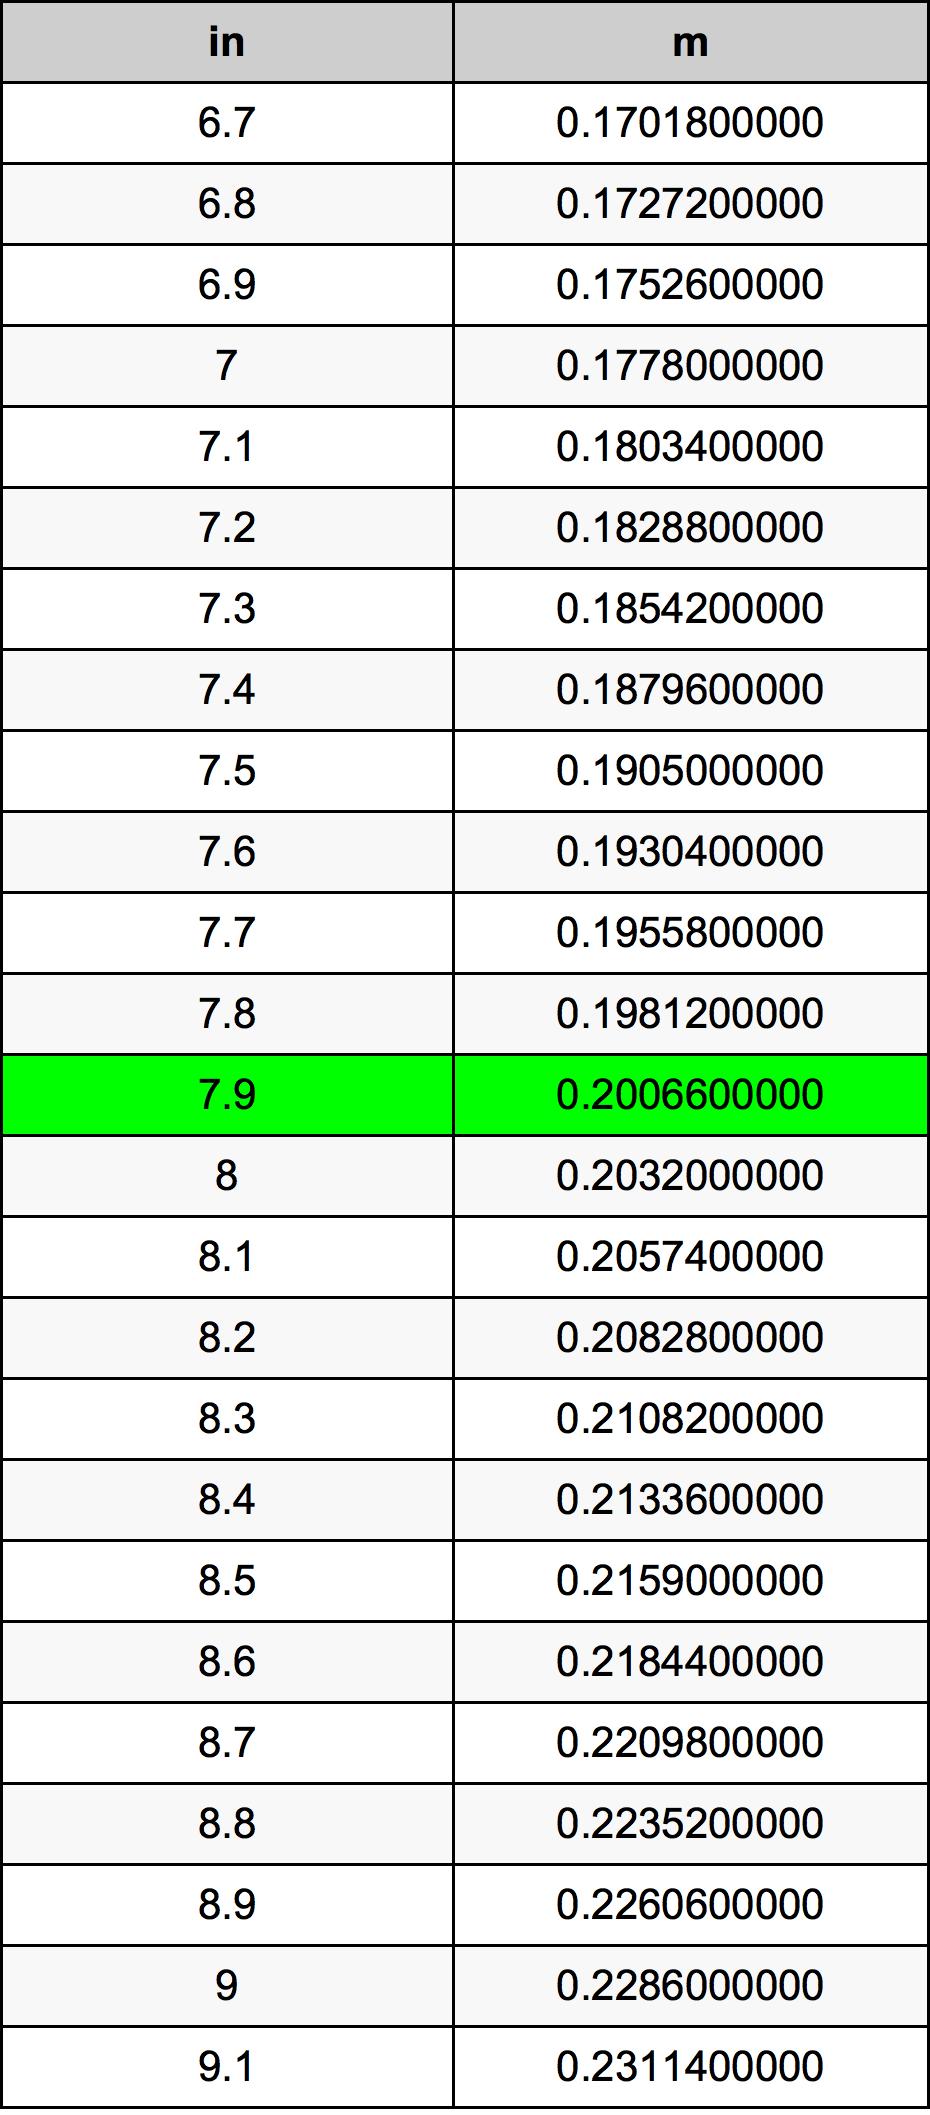 7.9 инч Таблица за преобразуване